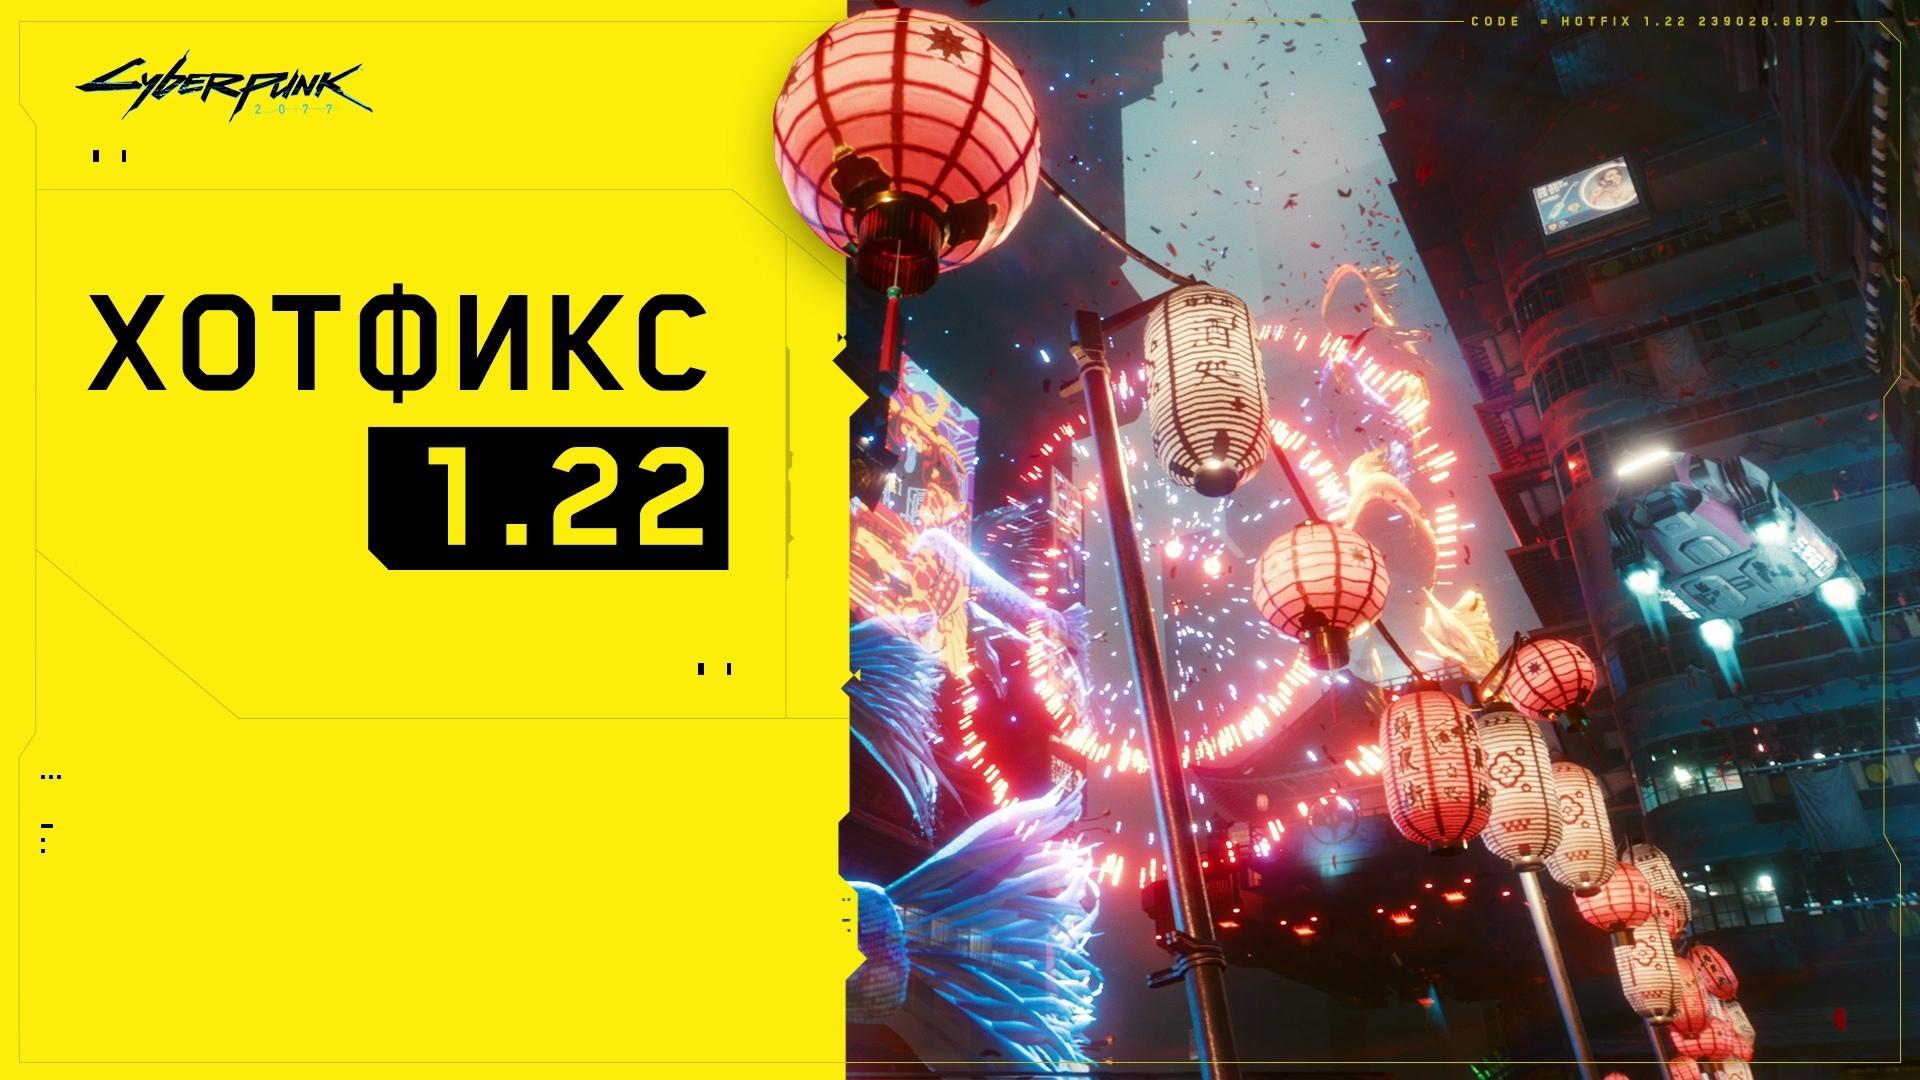 Для Cyberpunk 2077 вышел новый небольшой патч 1.22